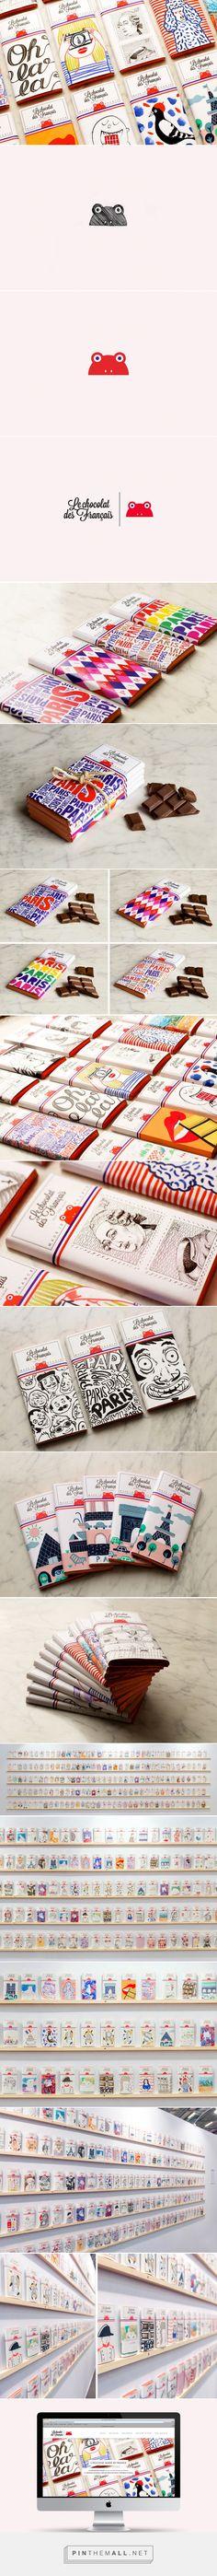 Le chocolat des Français #chocolate #packaging by Paul-Henri Masson - http://www.packagingoftheworld.com/2015/01/le-chocolat-des-francais.html